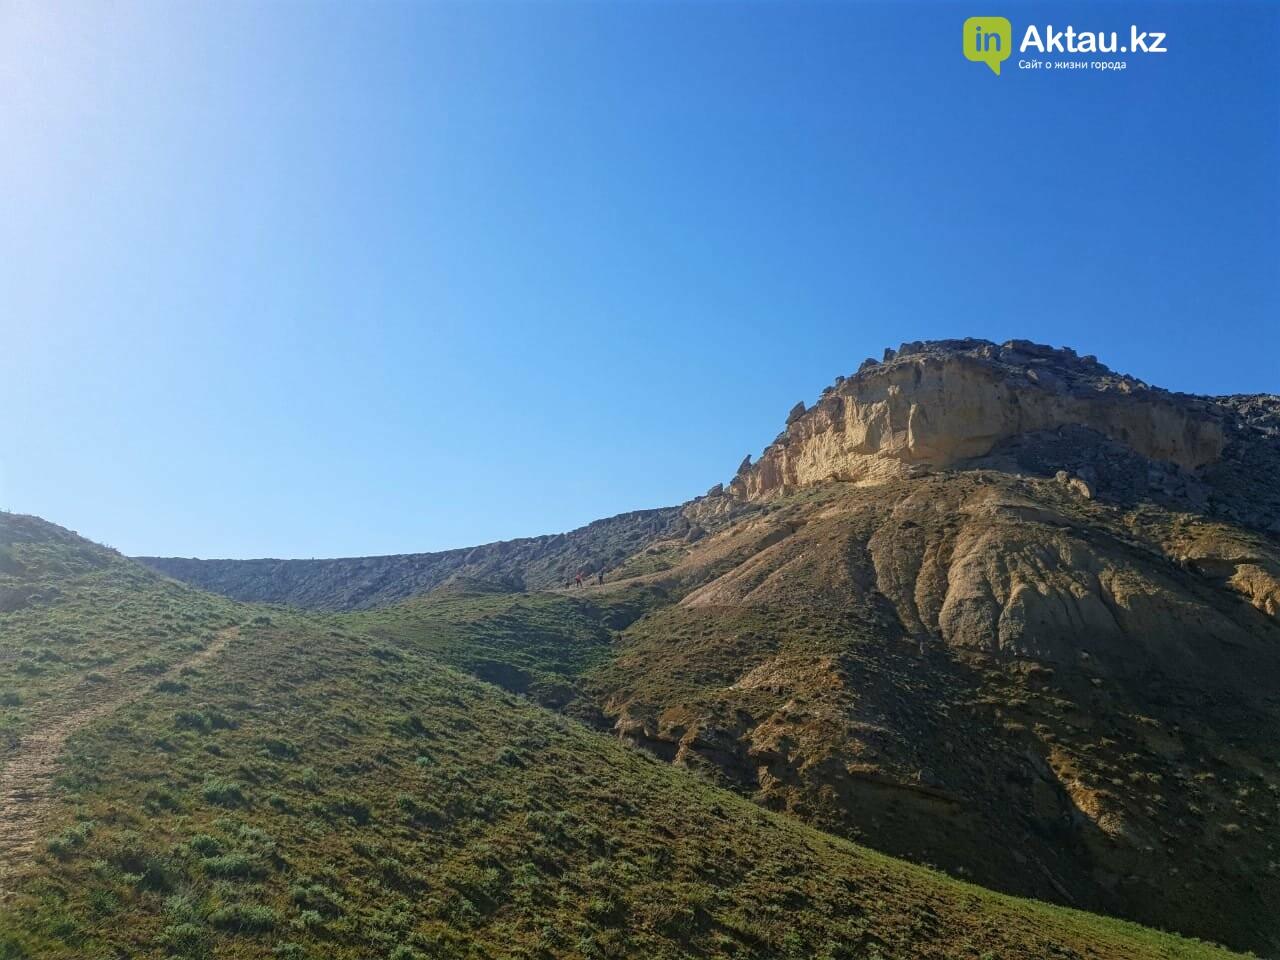 Долина замков – Айракты: Мангистау во всем своем величии (ФОТО), фото-1